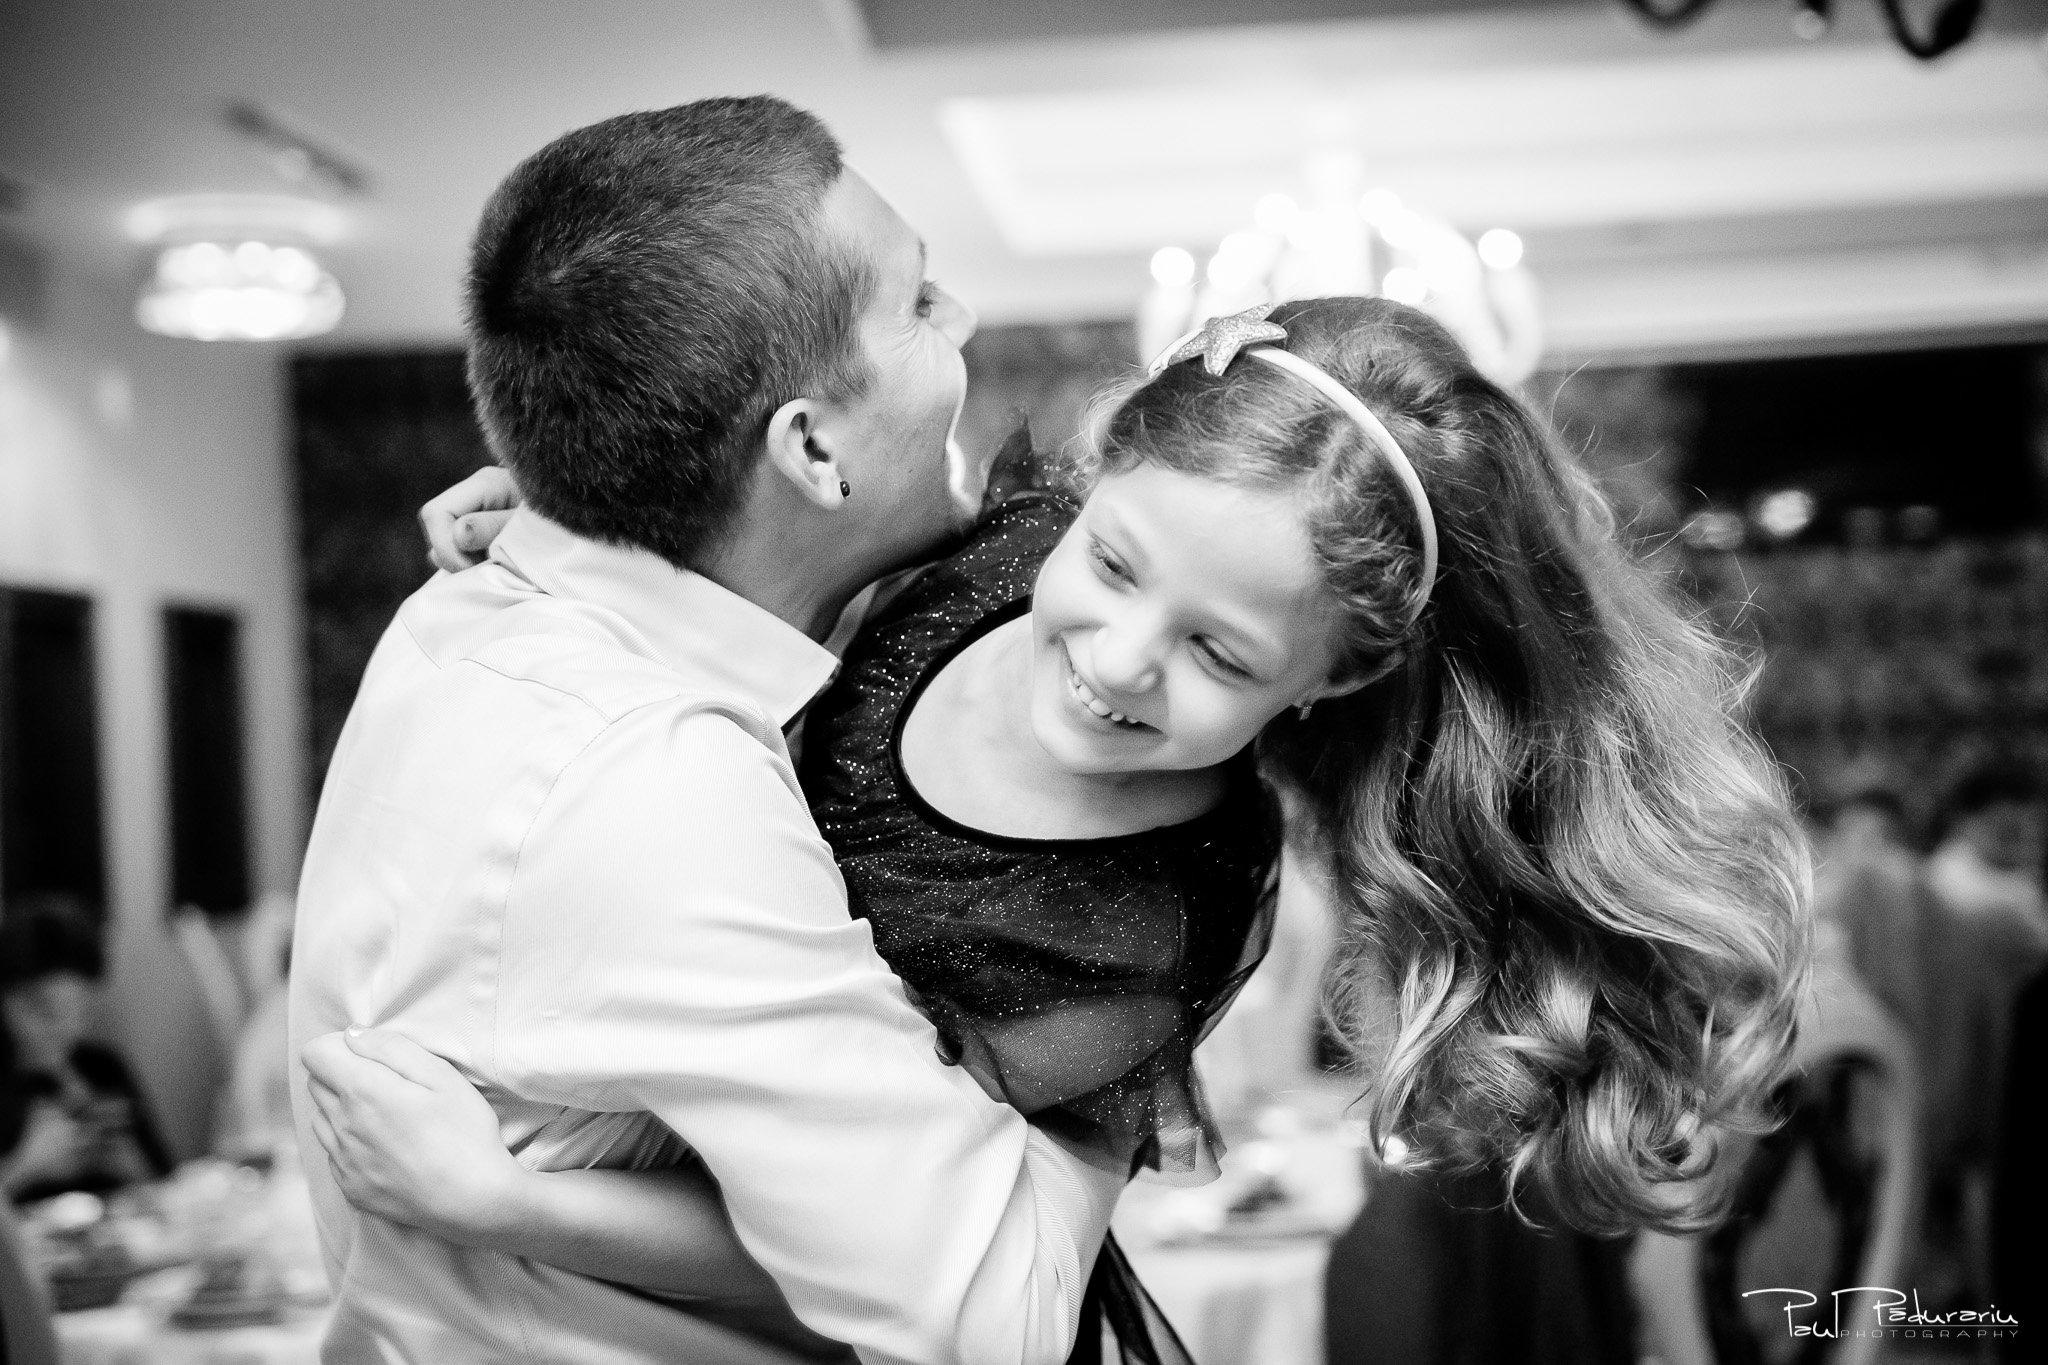 Petrecere la Pleaiada nunta cu tema Paris Ema si Tudor fotograf profesionist de nunta iasi www.paulpadurariu.ro © 2017 Paul Padurariu - moment dans invitati